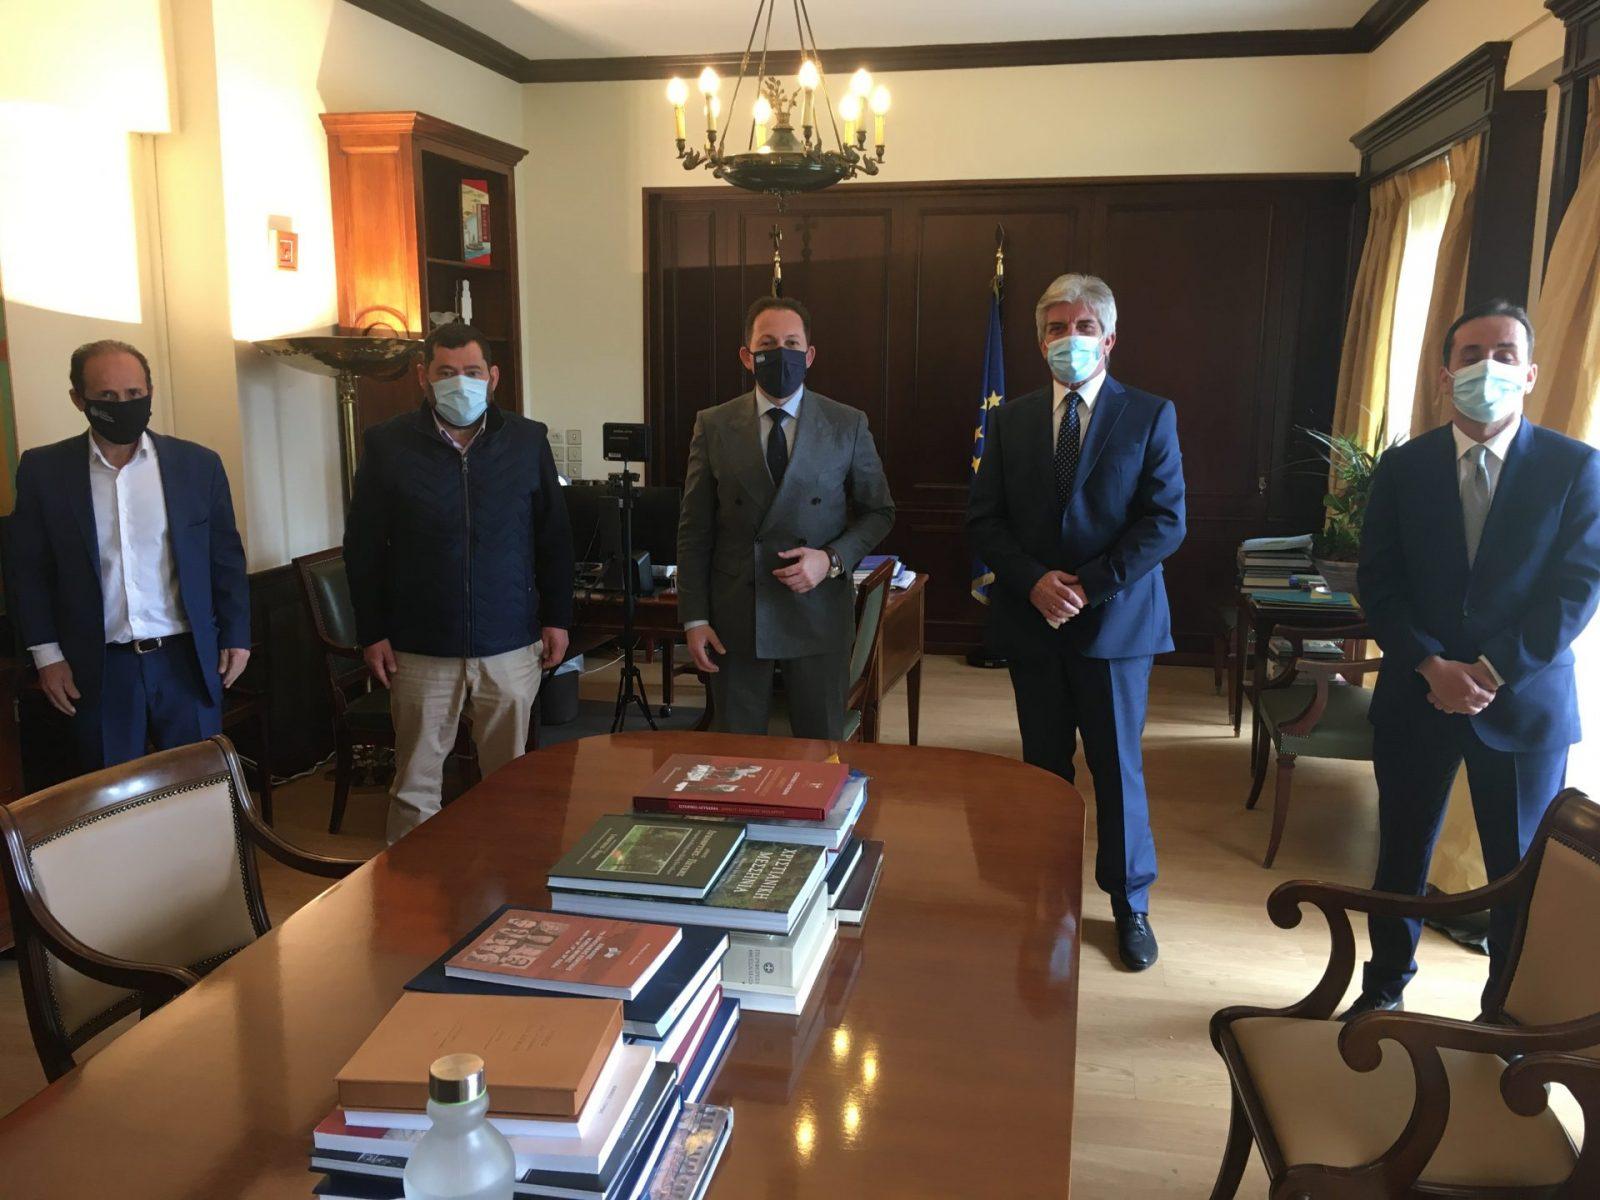 Συνάντηση  αντιπροσωπείας της διοίκησης της ΠΕΔΑττικής με τον Αν.Υπουργό Εσωτερικών Στ.Πέτσα 31.03.2021